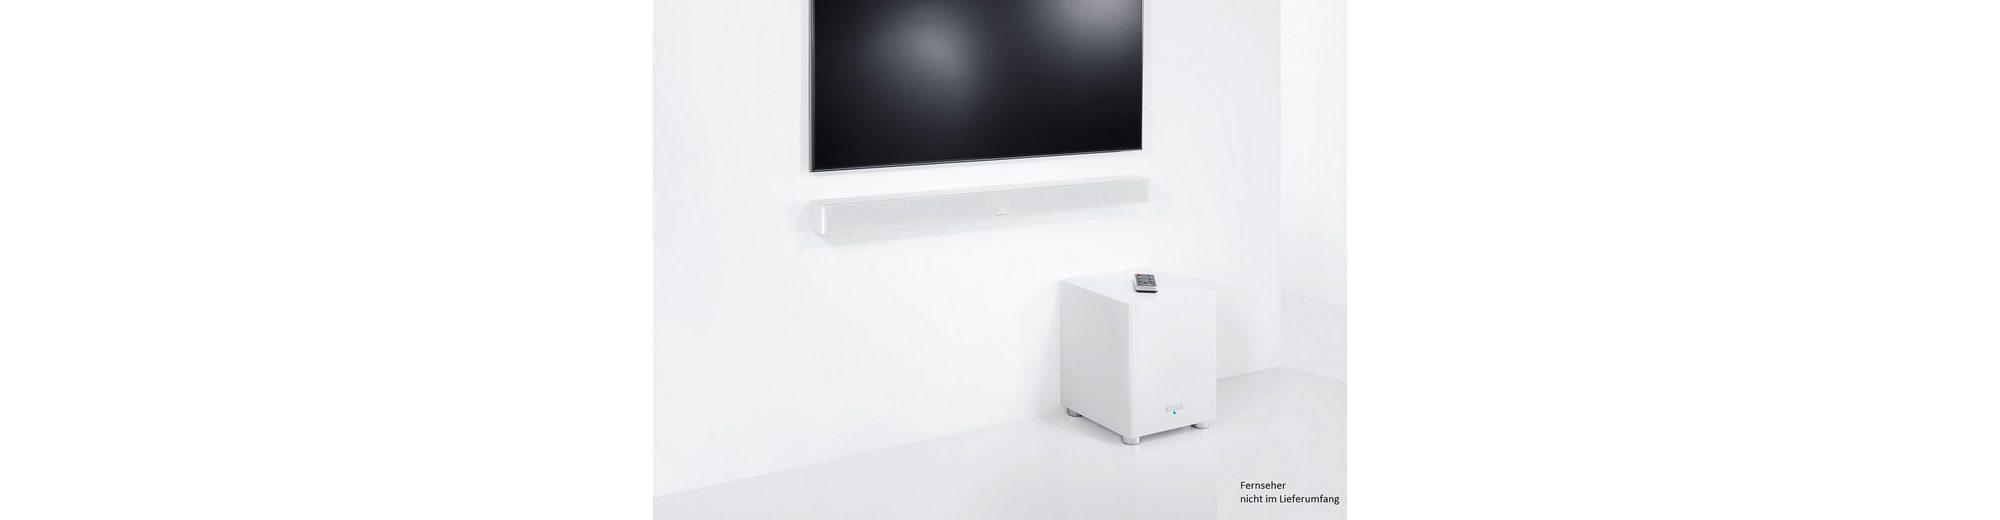 Canton 2.1 Surround System »DM 900 weiß«